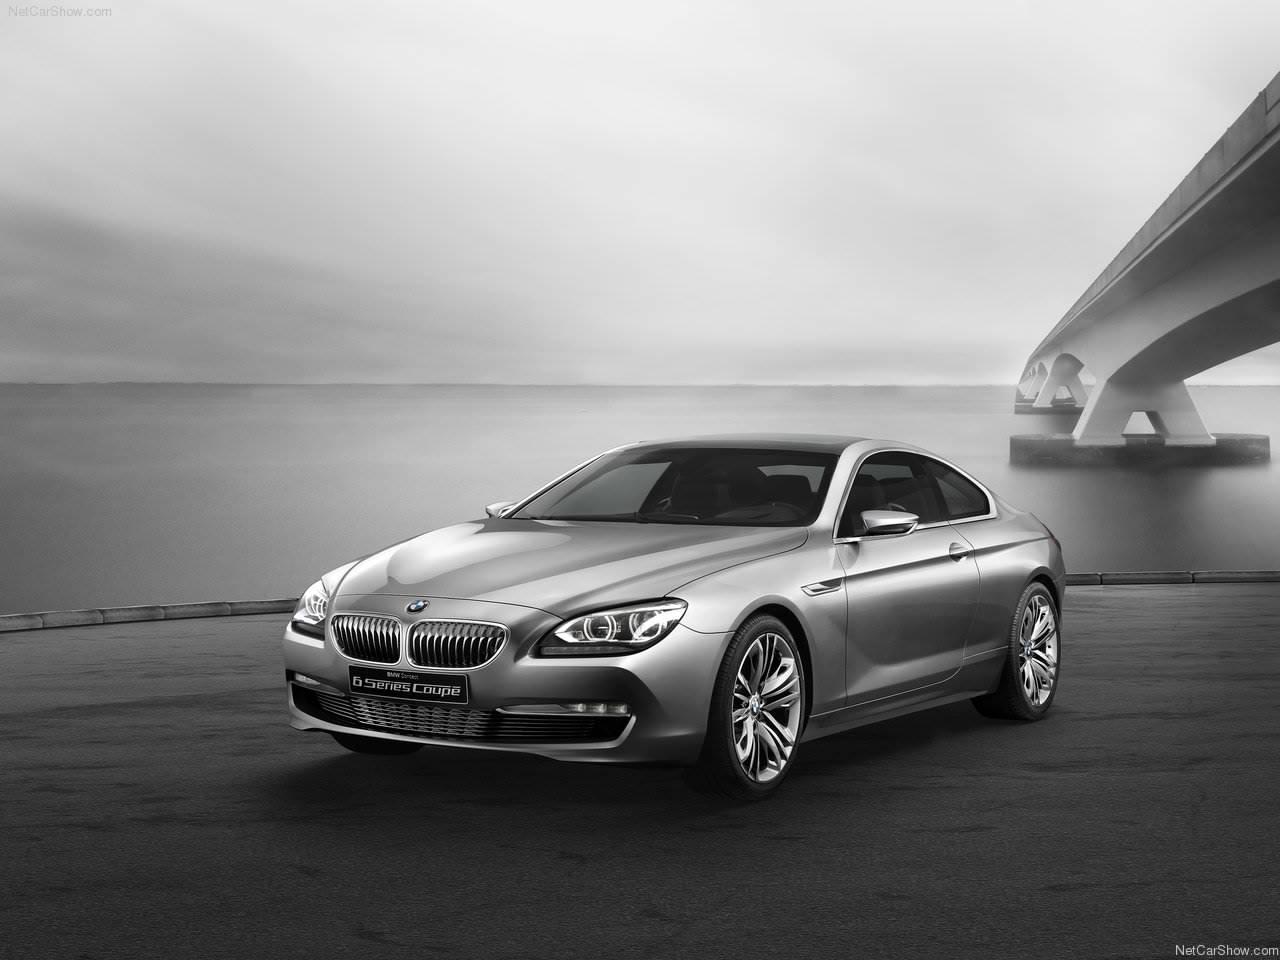 BMW AUTO CAR : 2010 BMW 6-Series Coupe Concept